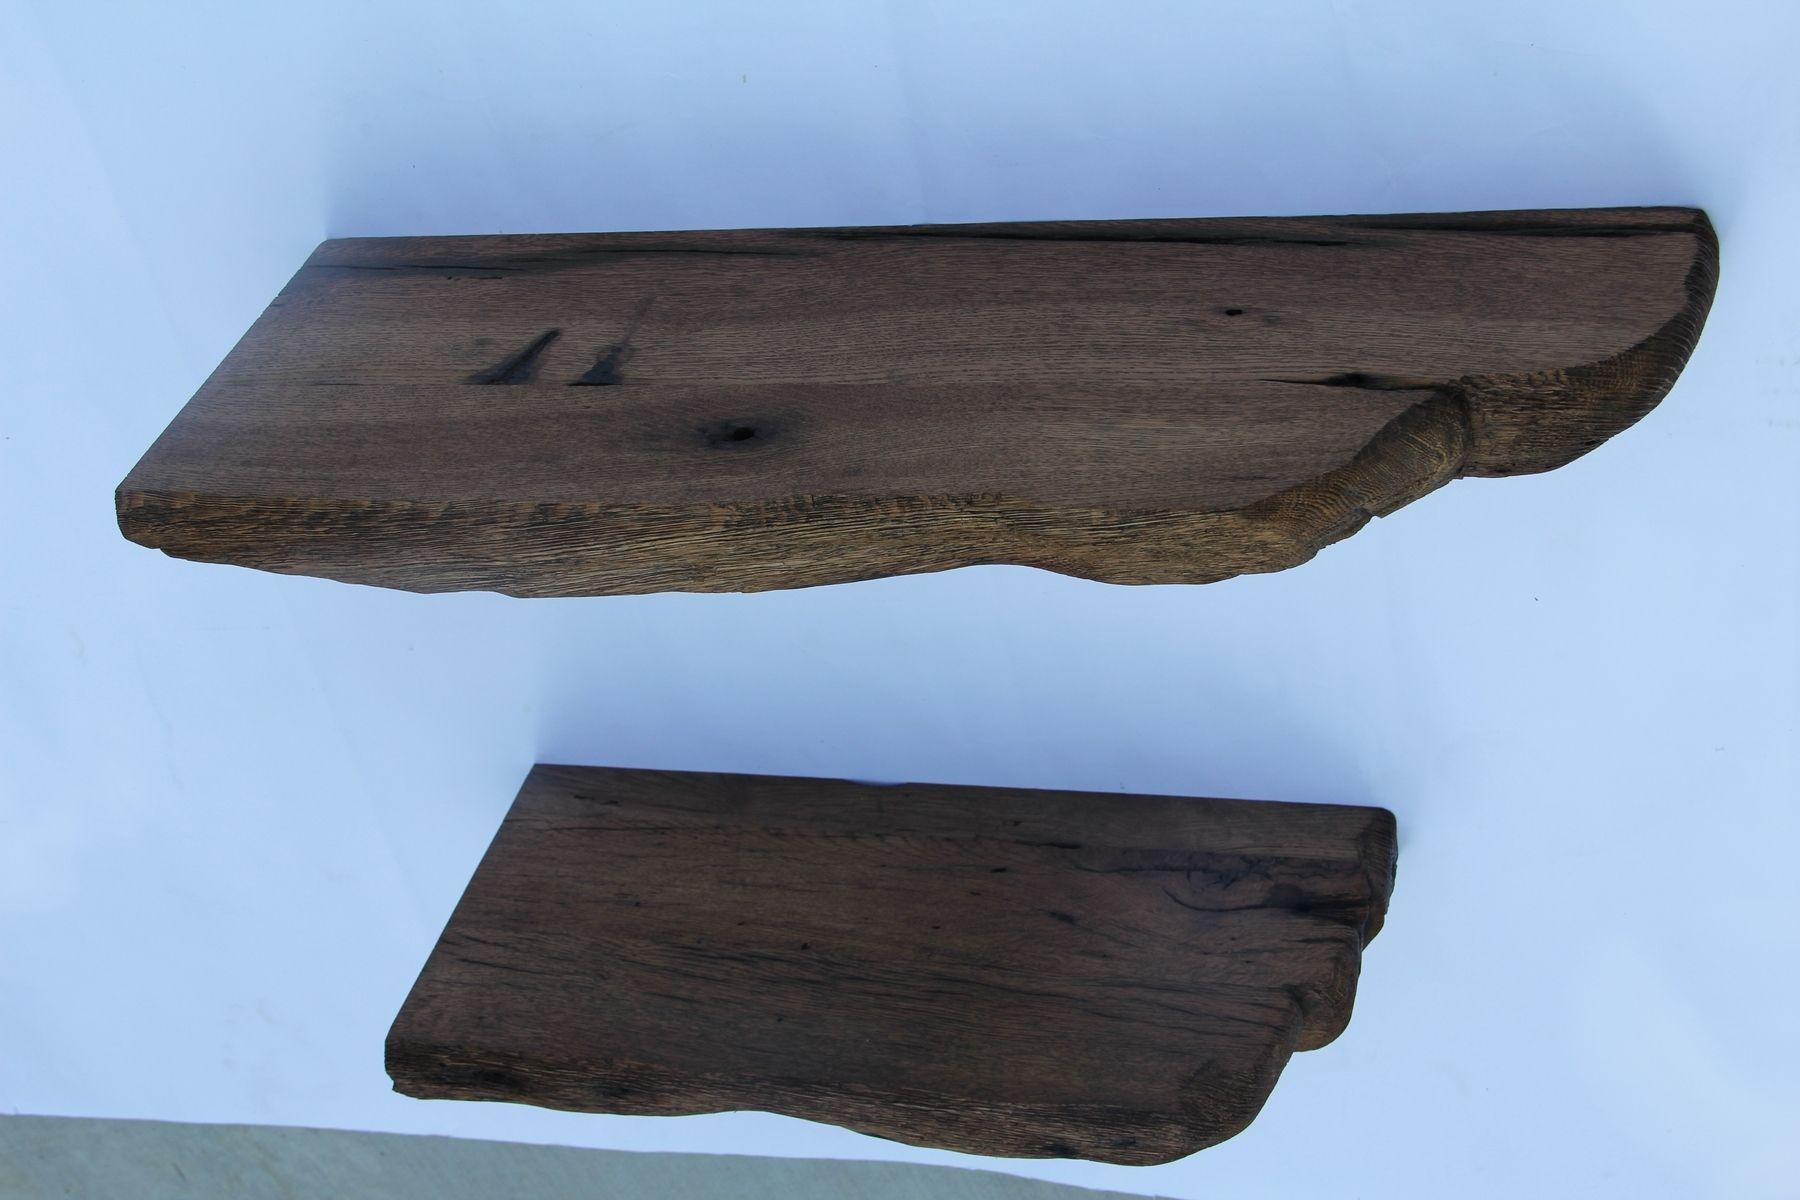 hand made live edge barnwood rustic corner shelves intelligent solid oak floating shelf design woodwork custommade granite bar support brackets ikea shoe storage system effect